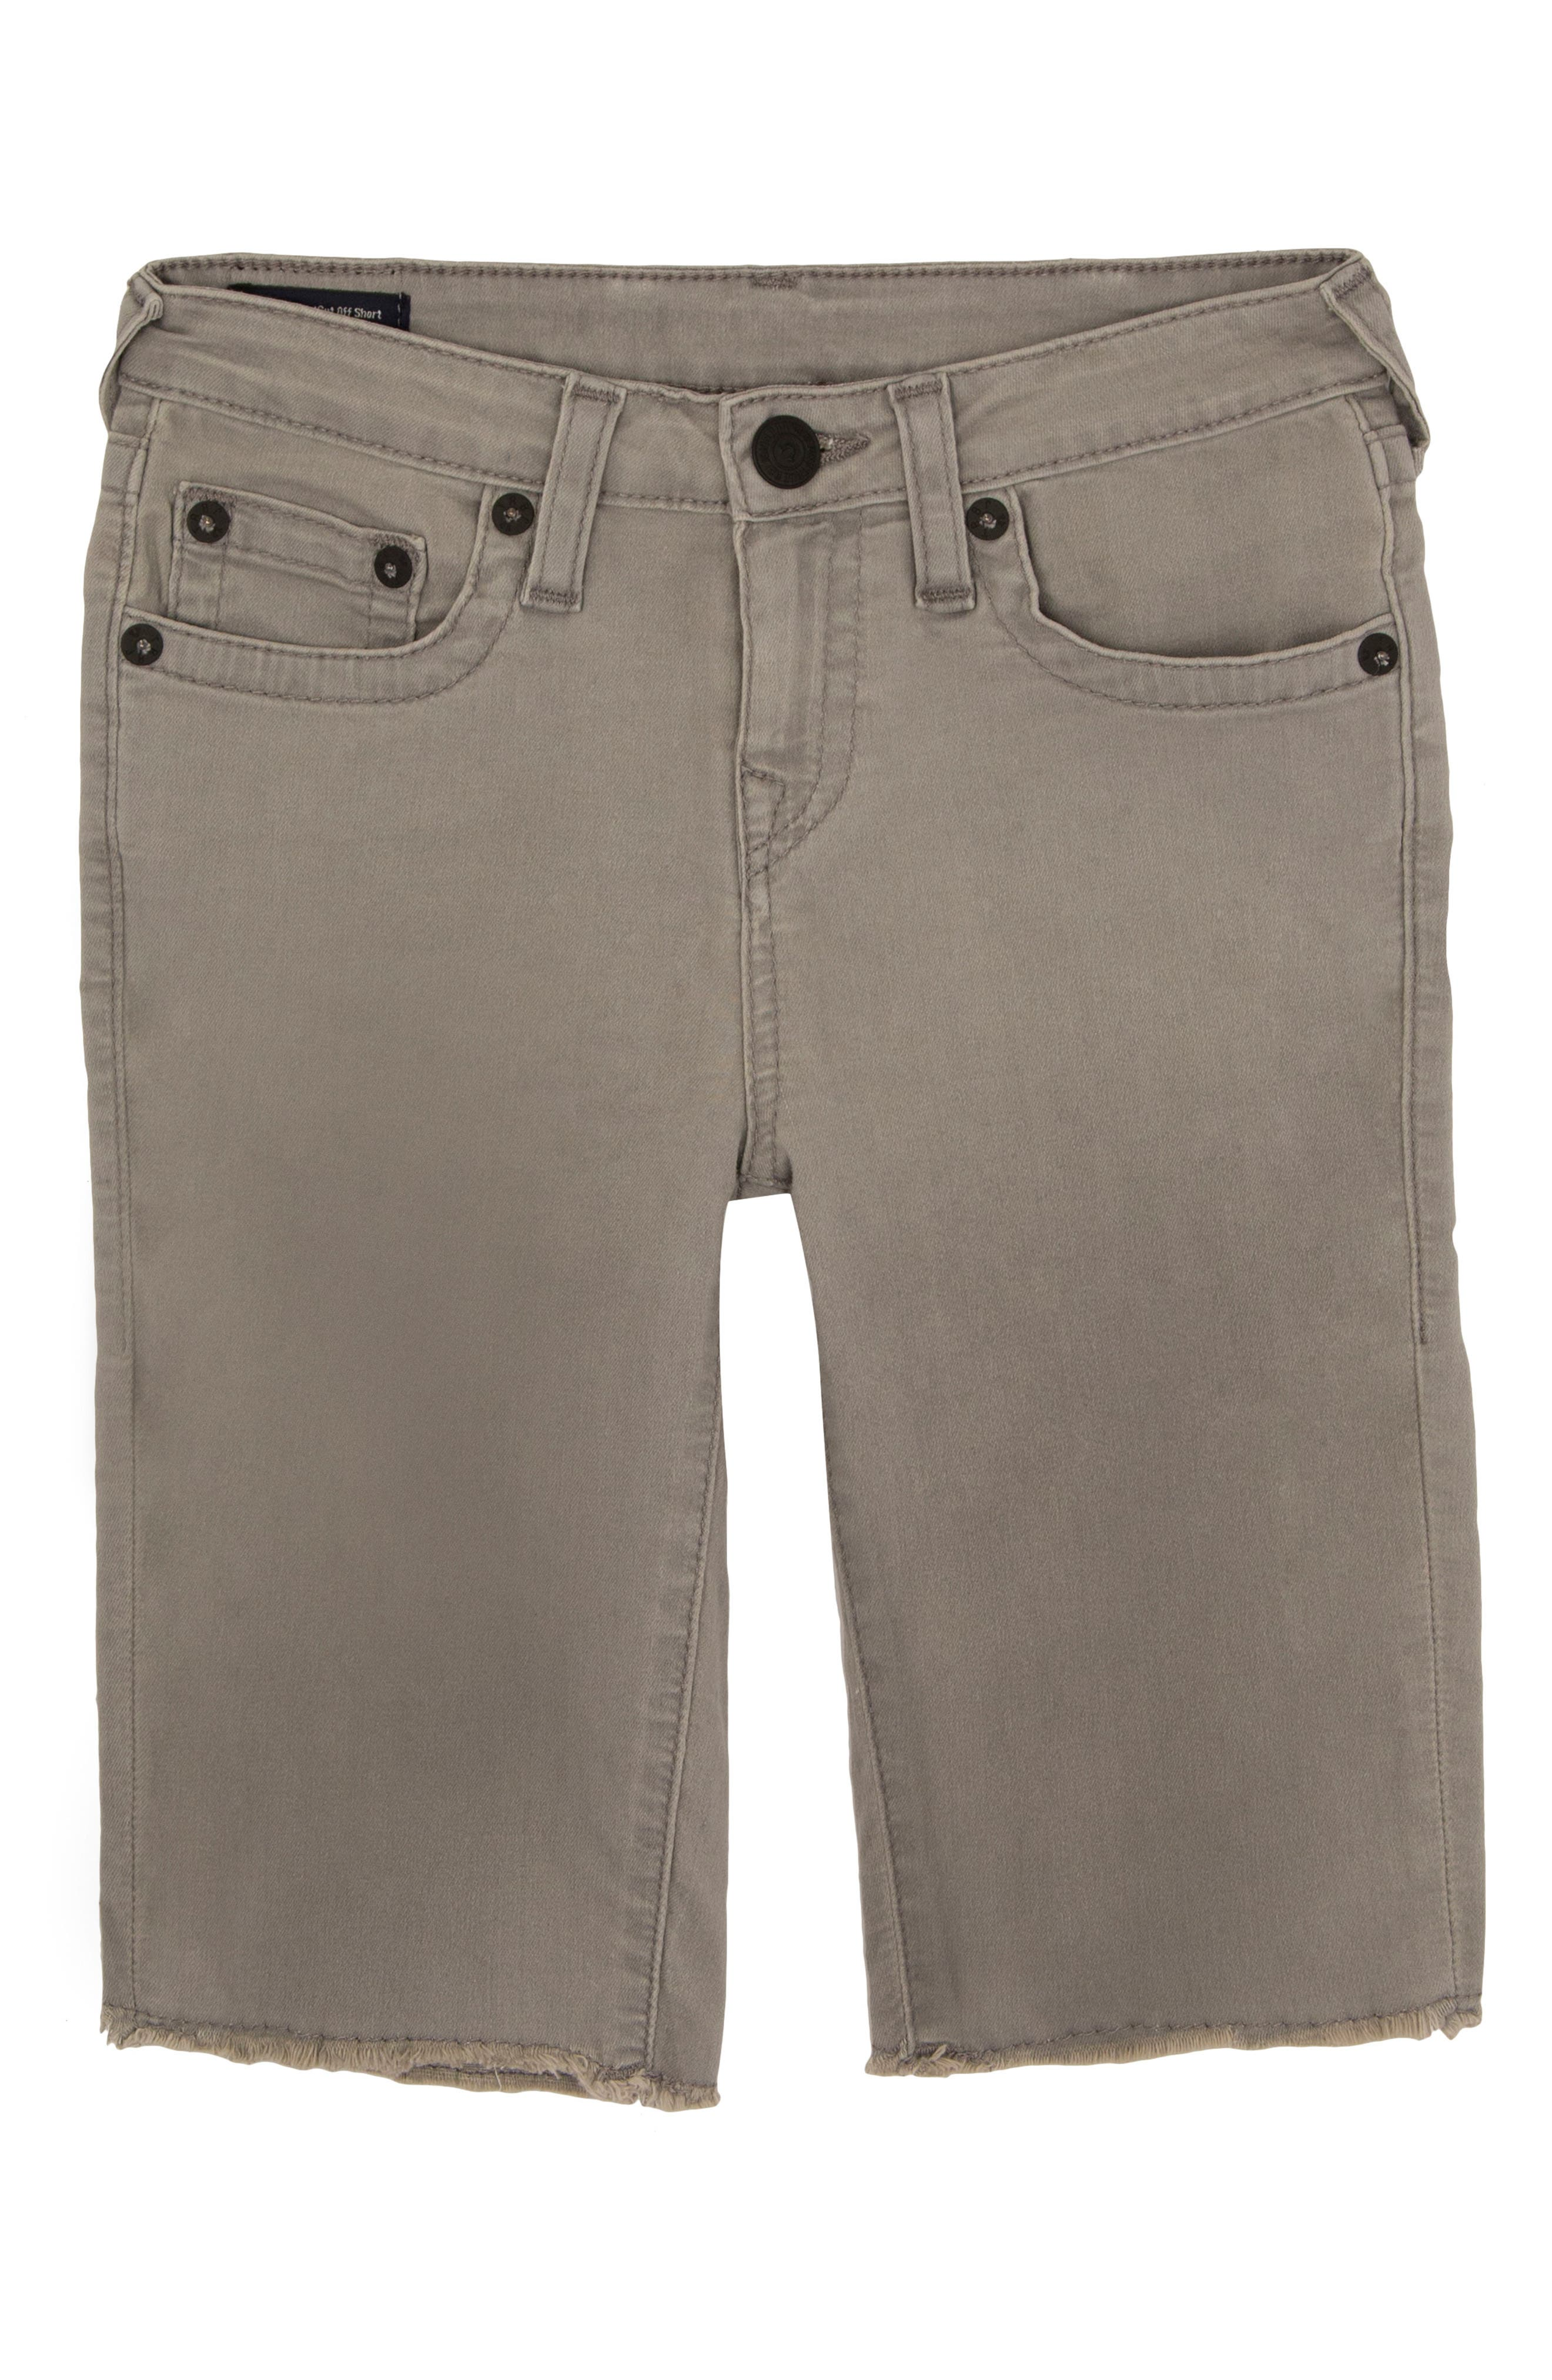 Geno Shorts,                         Main,                         color, 099